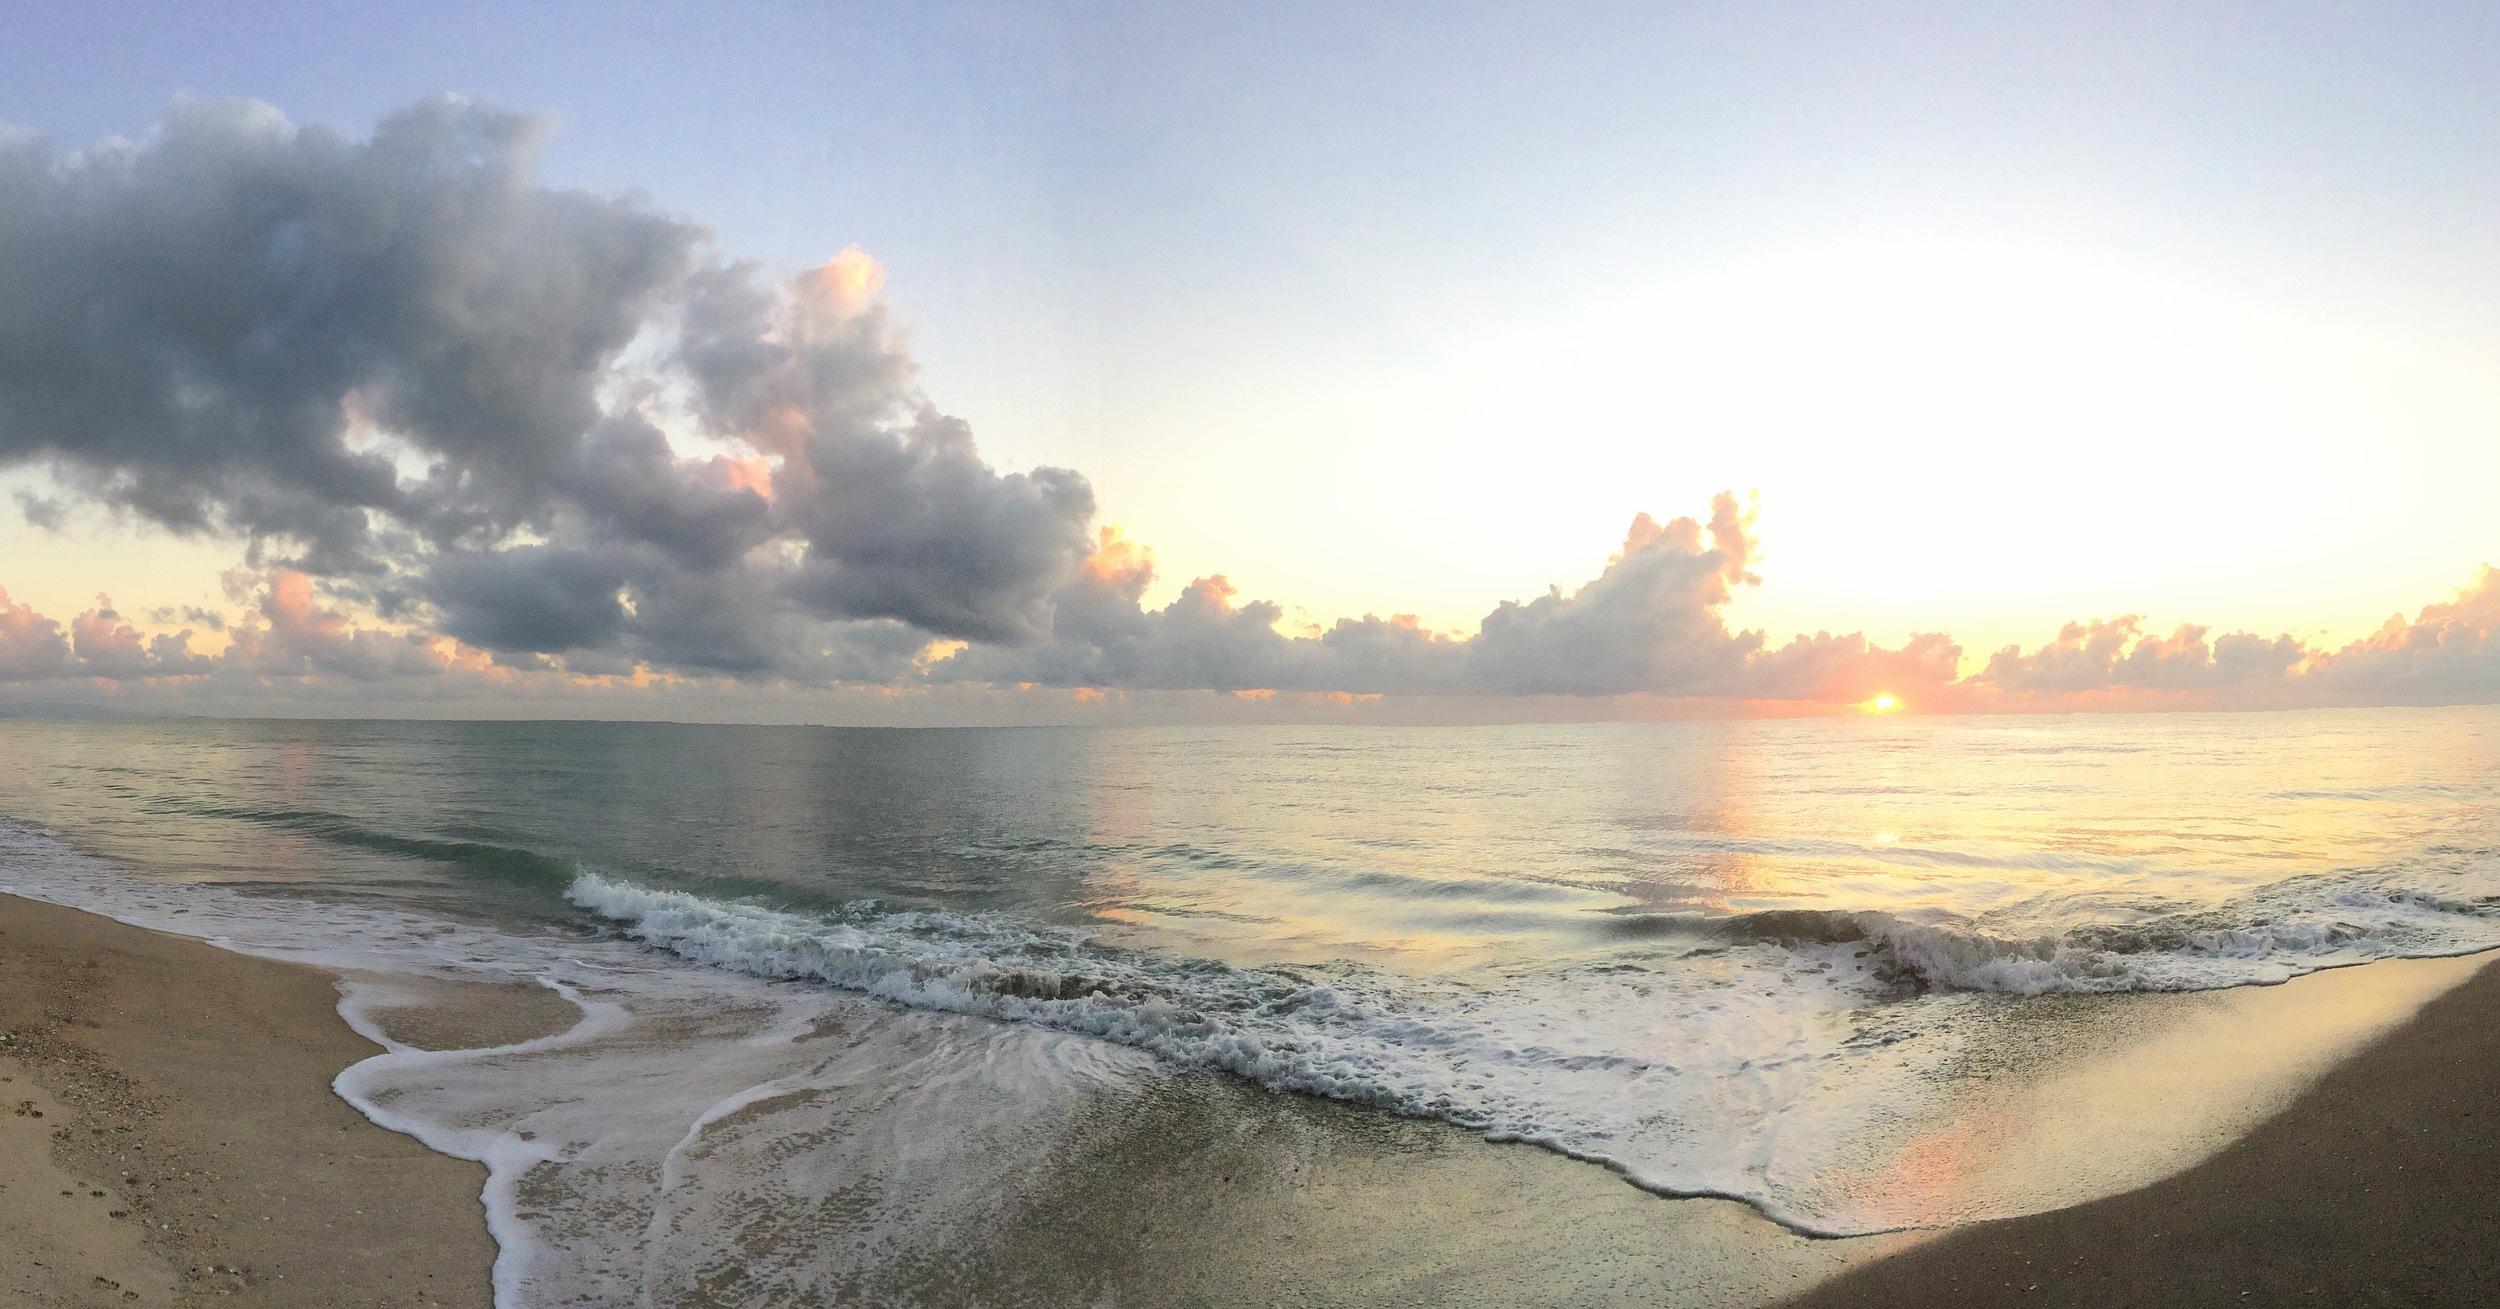 Sunrise in Khanom..a sight for sore eyes.